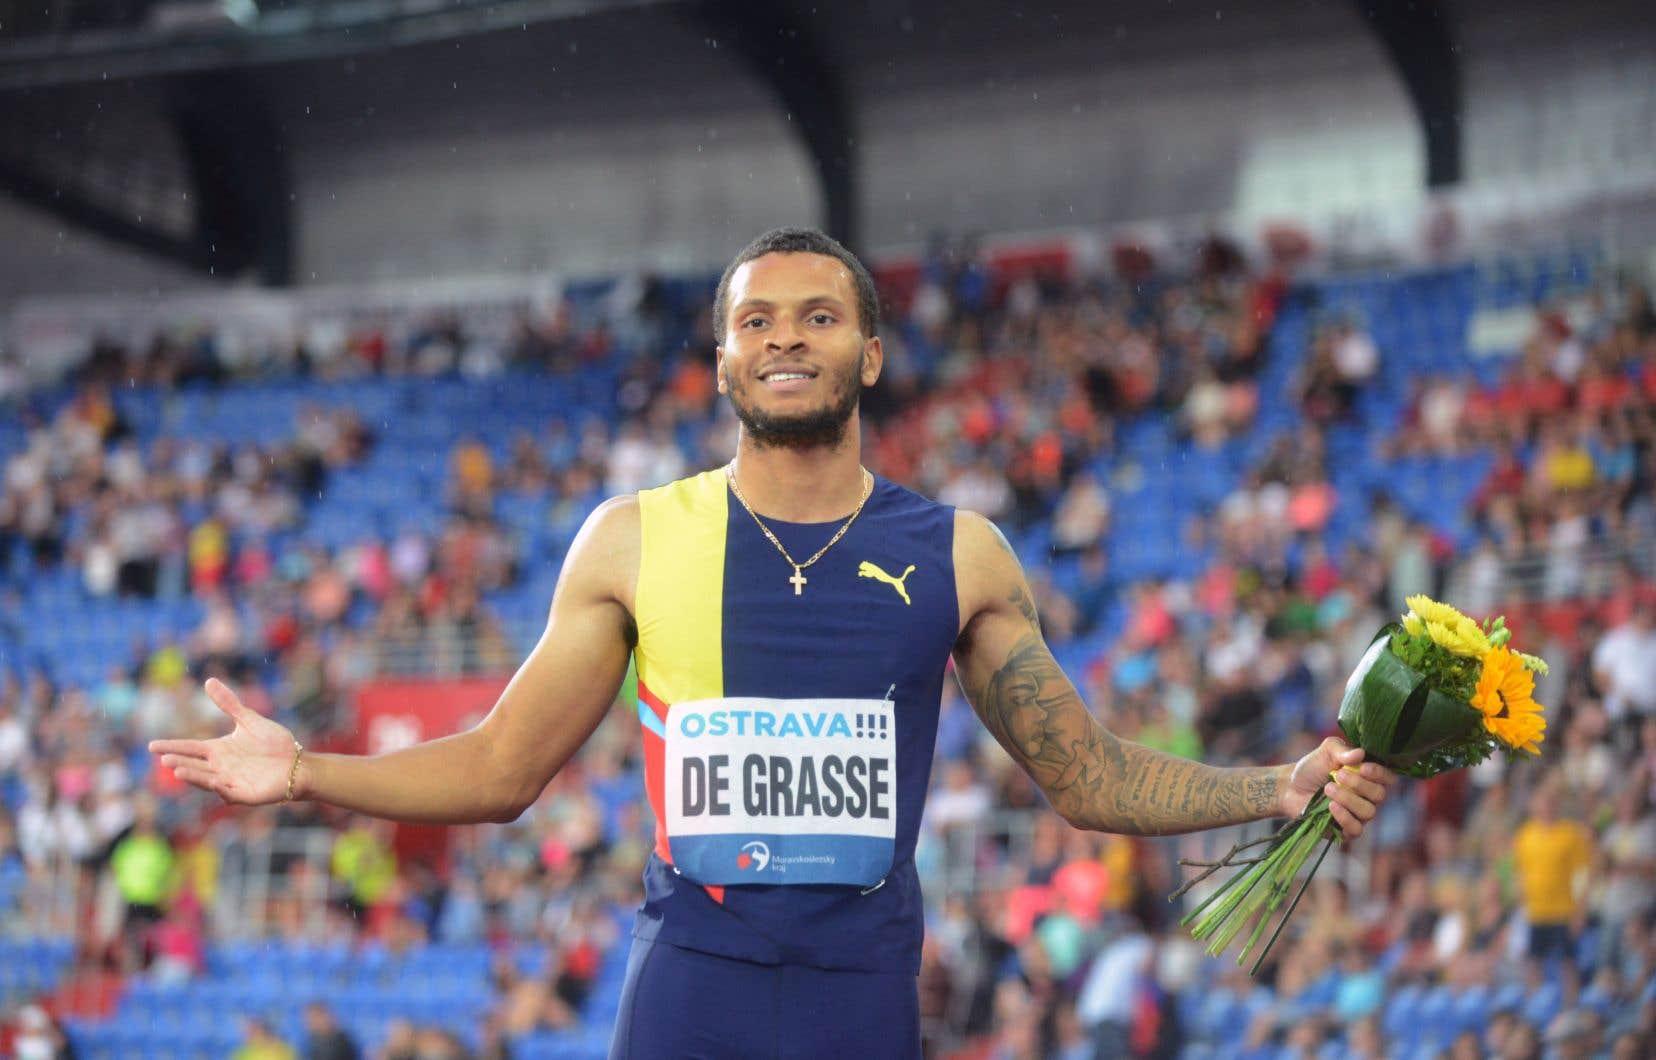 Le Canadien Andre De Grasse célèbre sa victoire au 200m hommes du rendez-vous d'athlétisme Golden Spike 2019 de l'IAAF à Ostrava le 20 juin 2019.